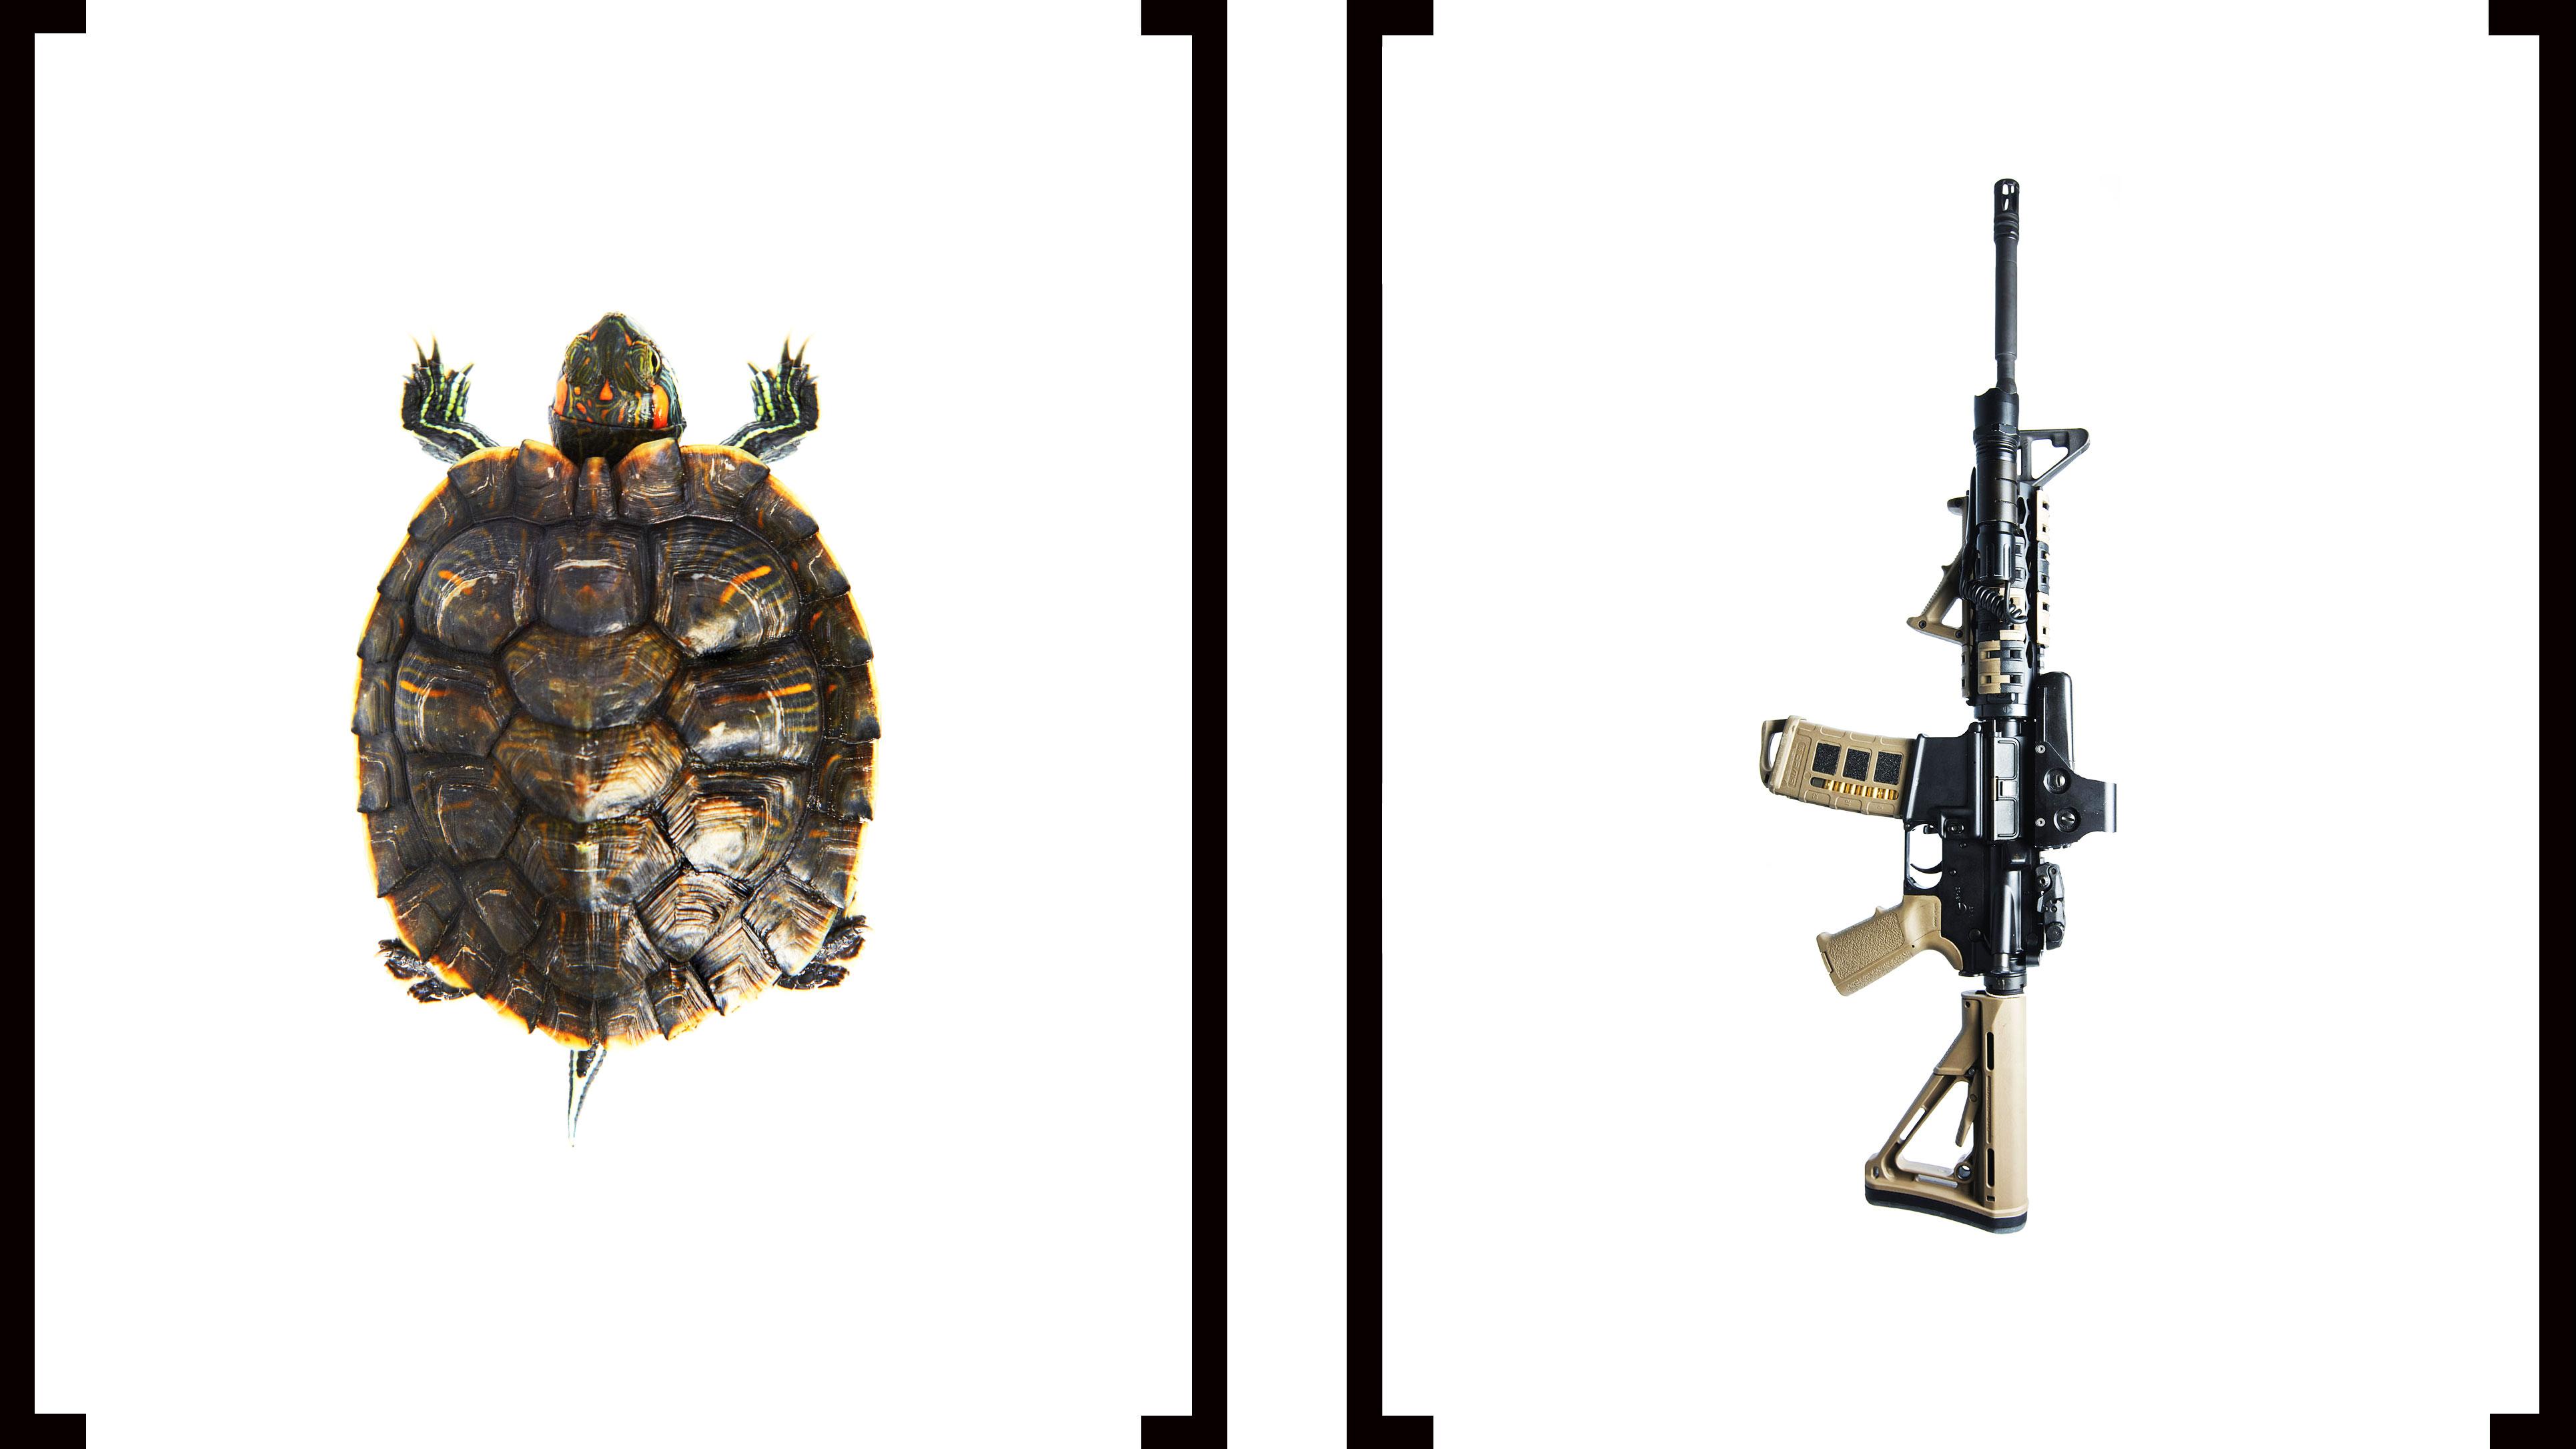 La paradoja de la IA militar: un arma peligrosa que nadie debe obviar